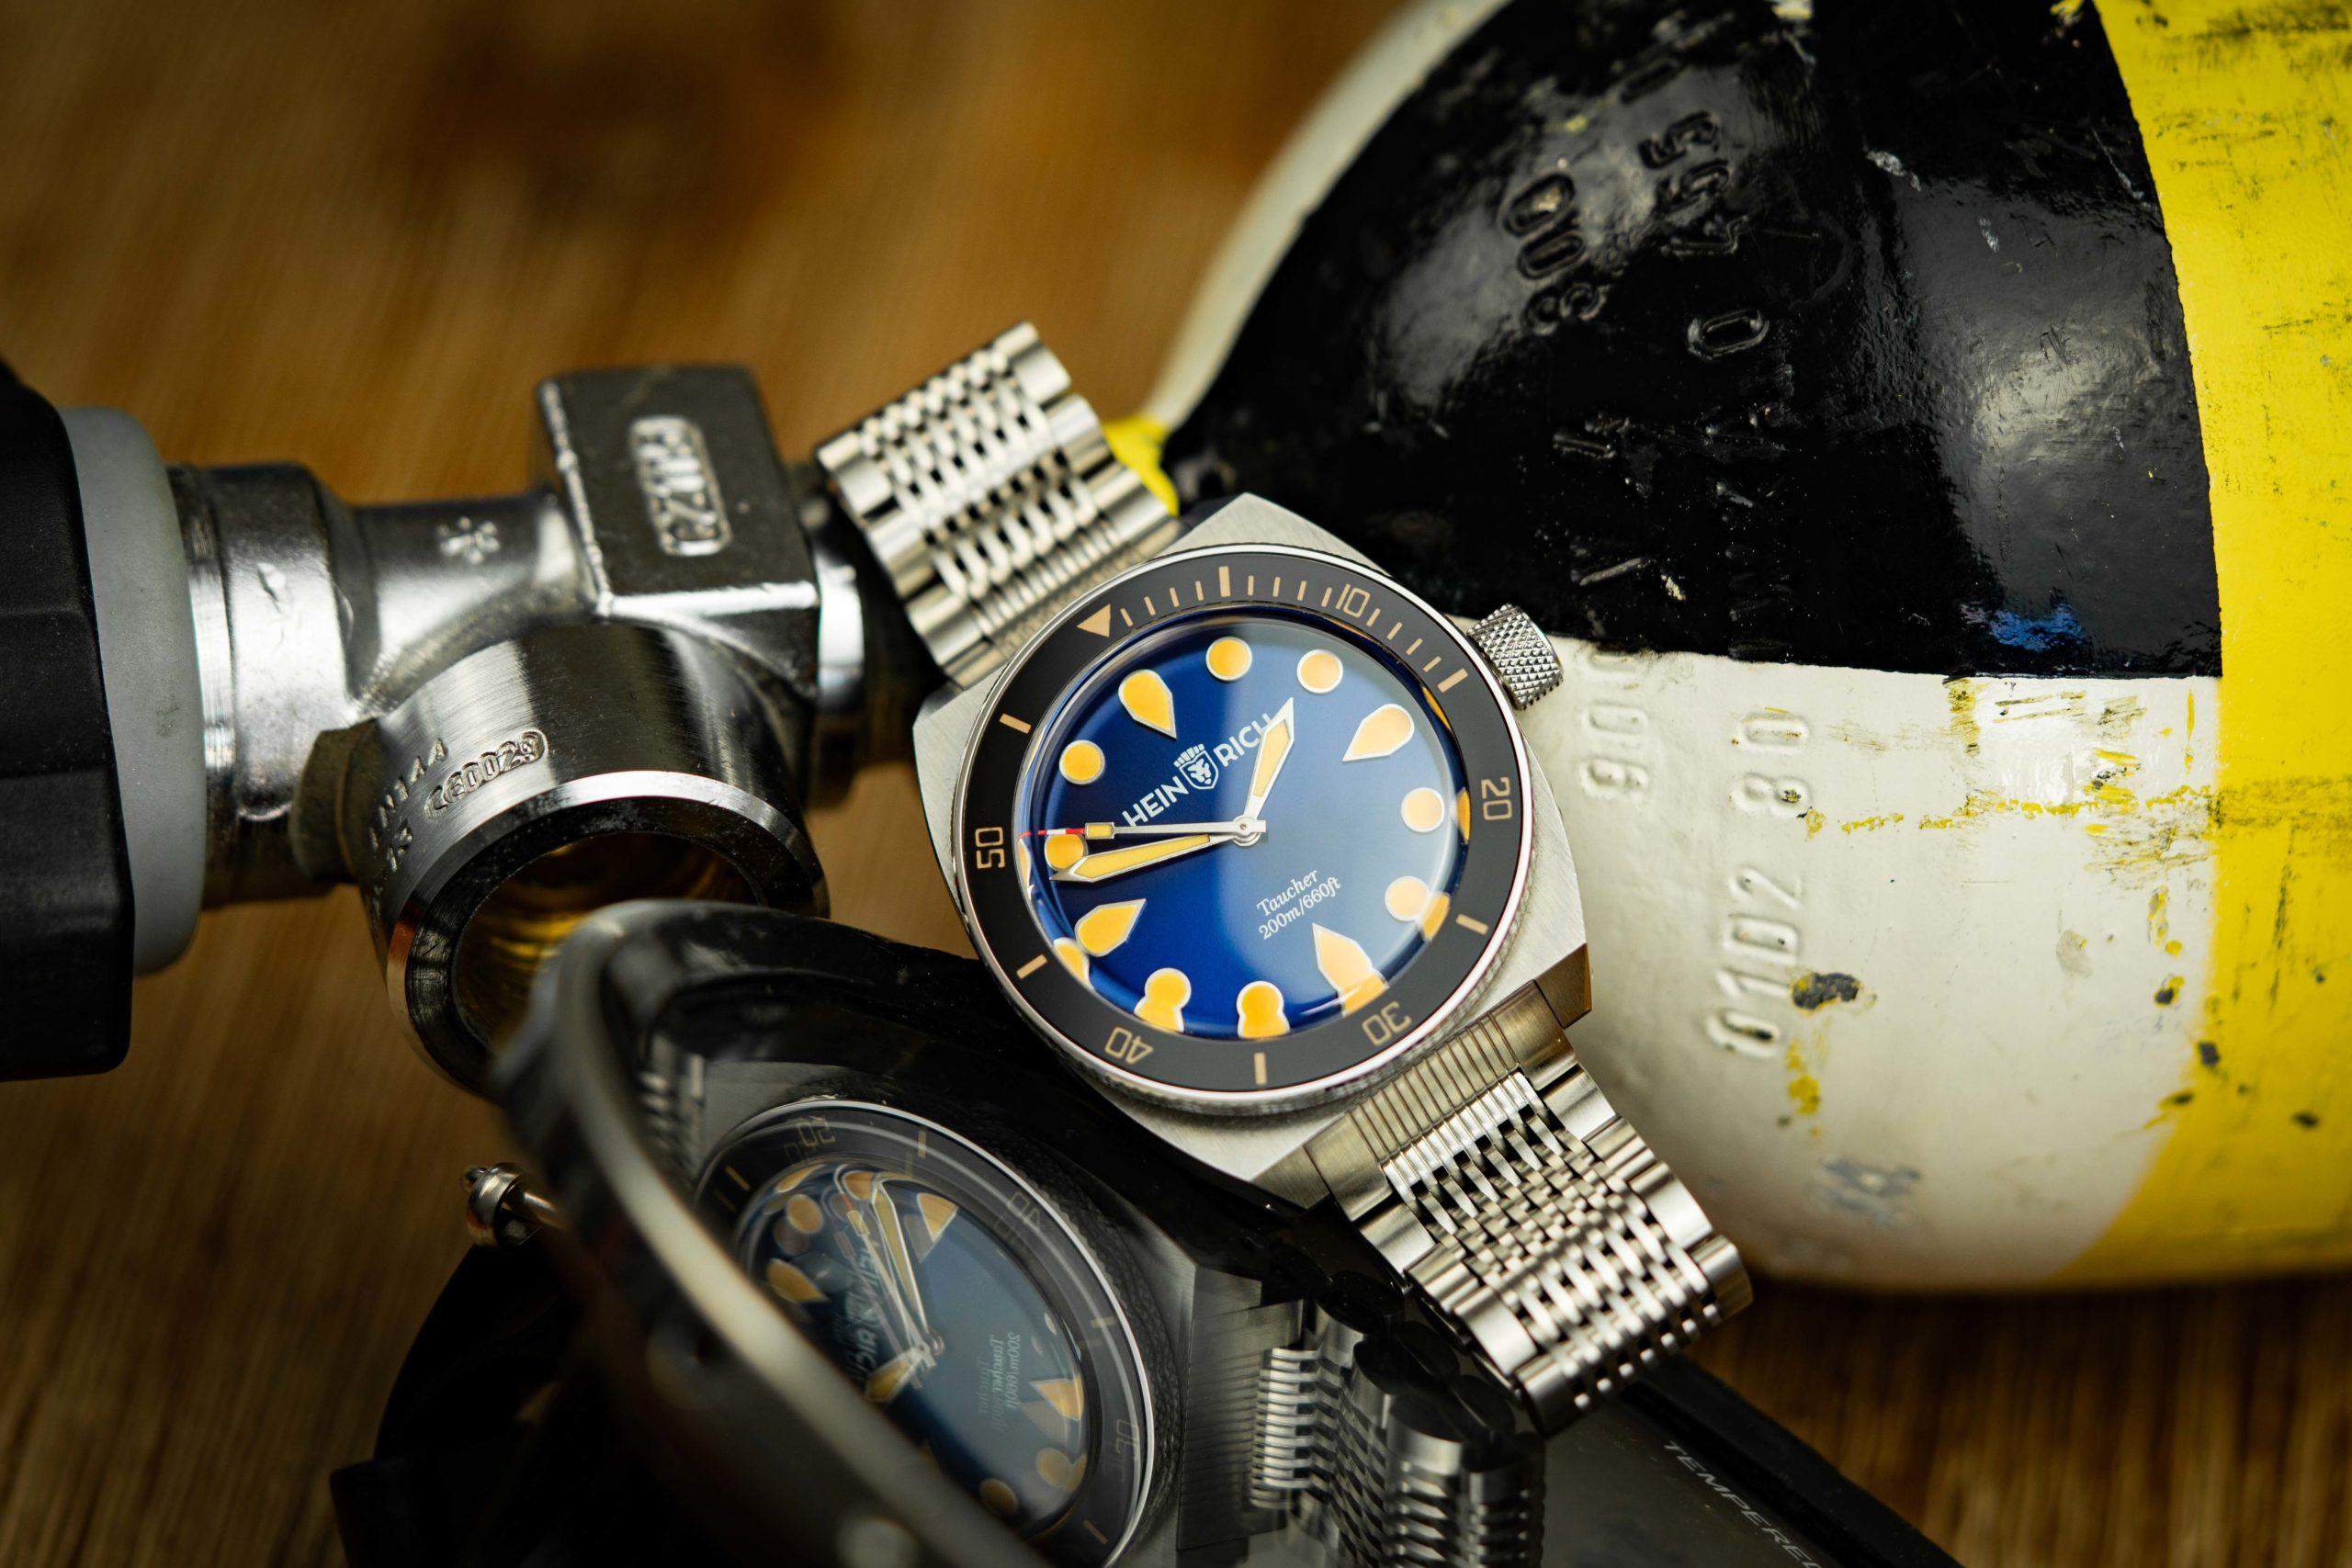 Heinrich-Watch-Taucher-Uhr-Kickstarter-Test